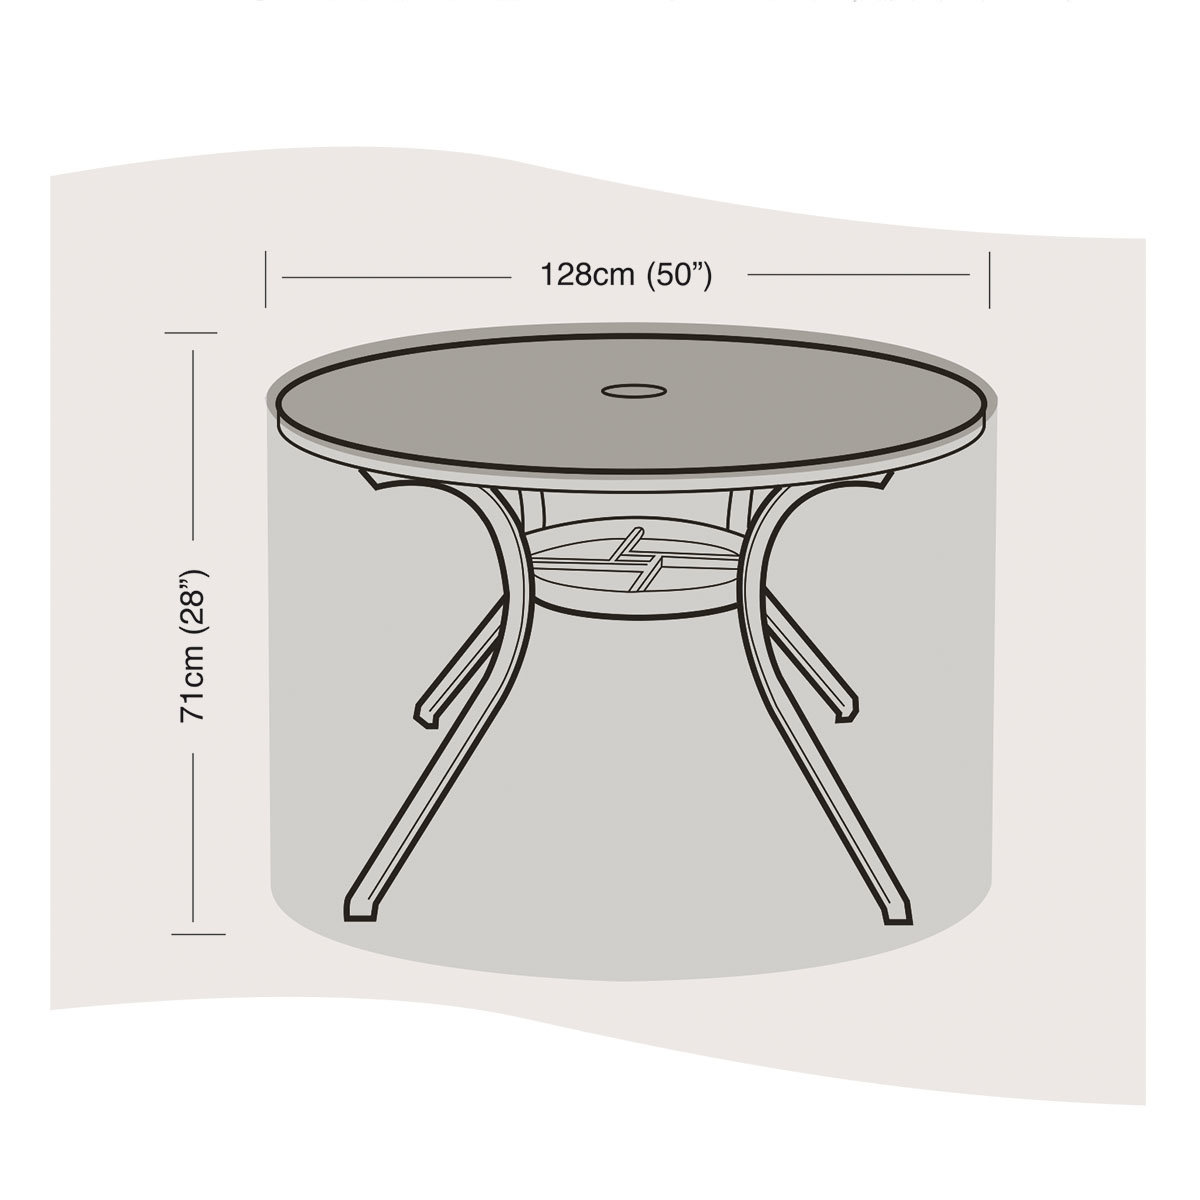 schutzh lle f r tisch gro rund von g rtner p tschke. Black Bedroom Furniture Sets. Home Design Ideas